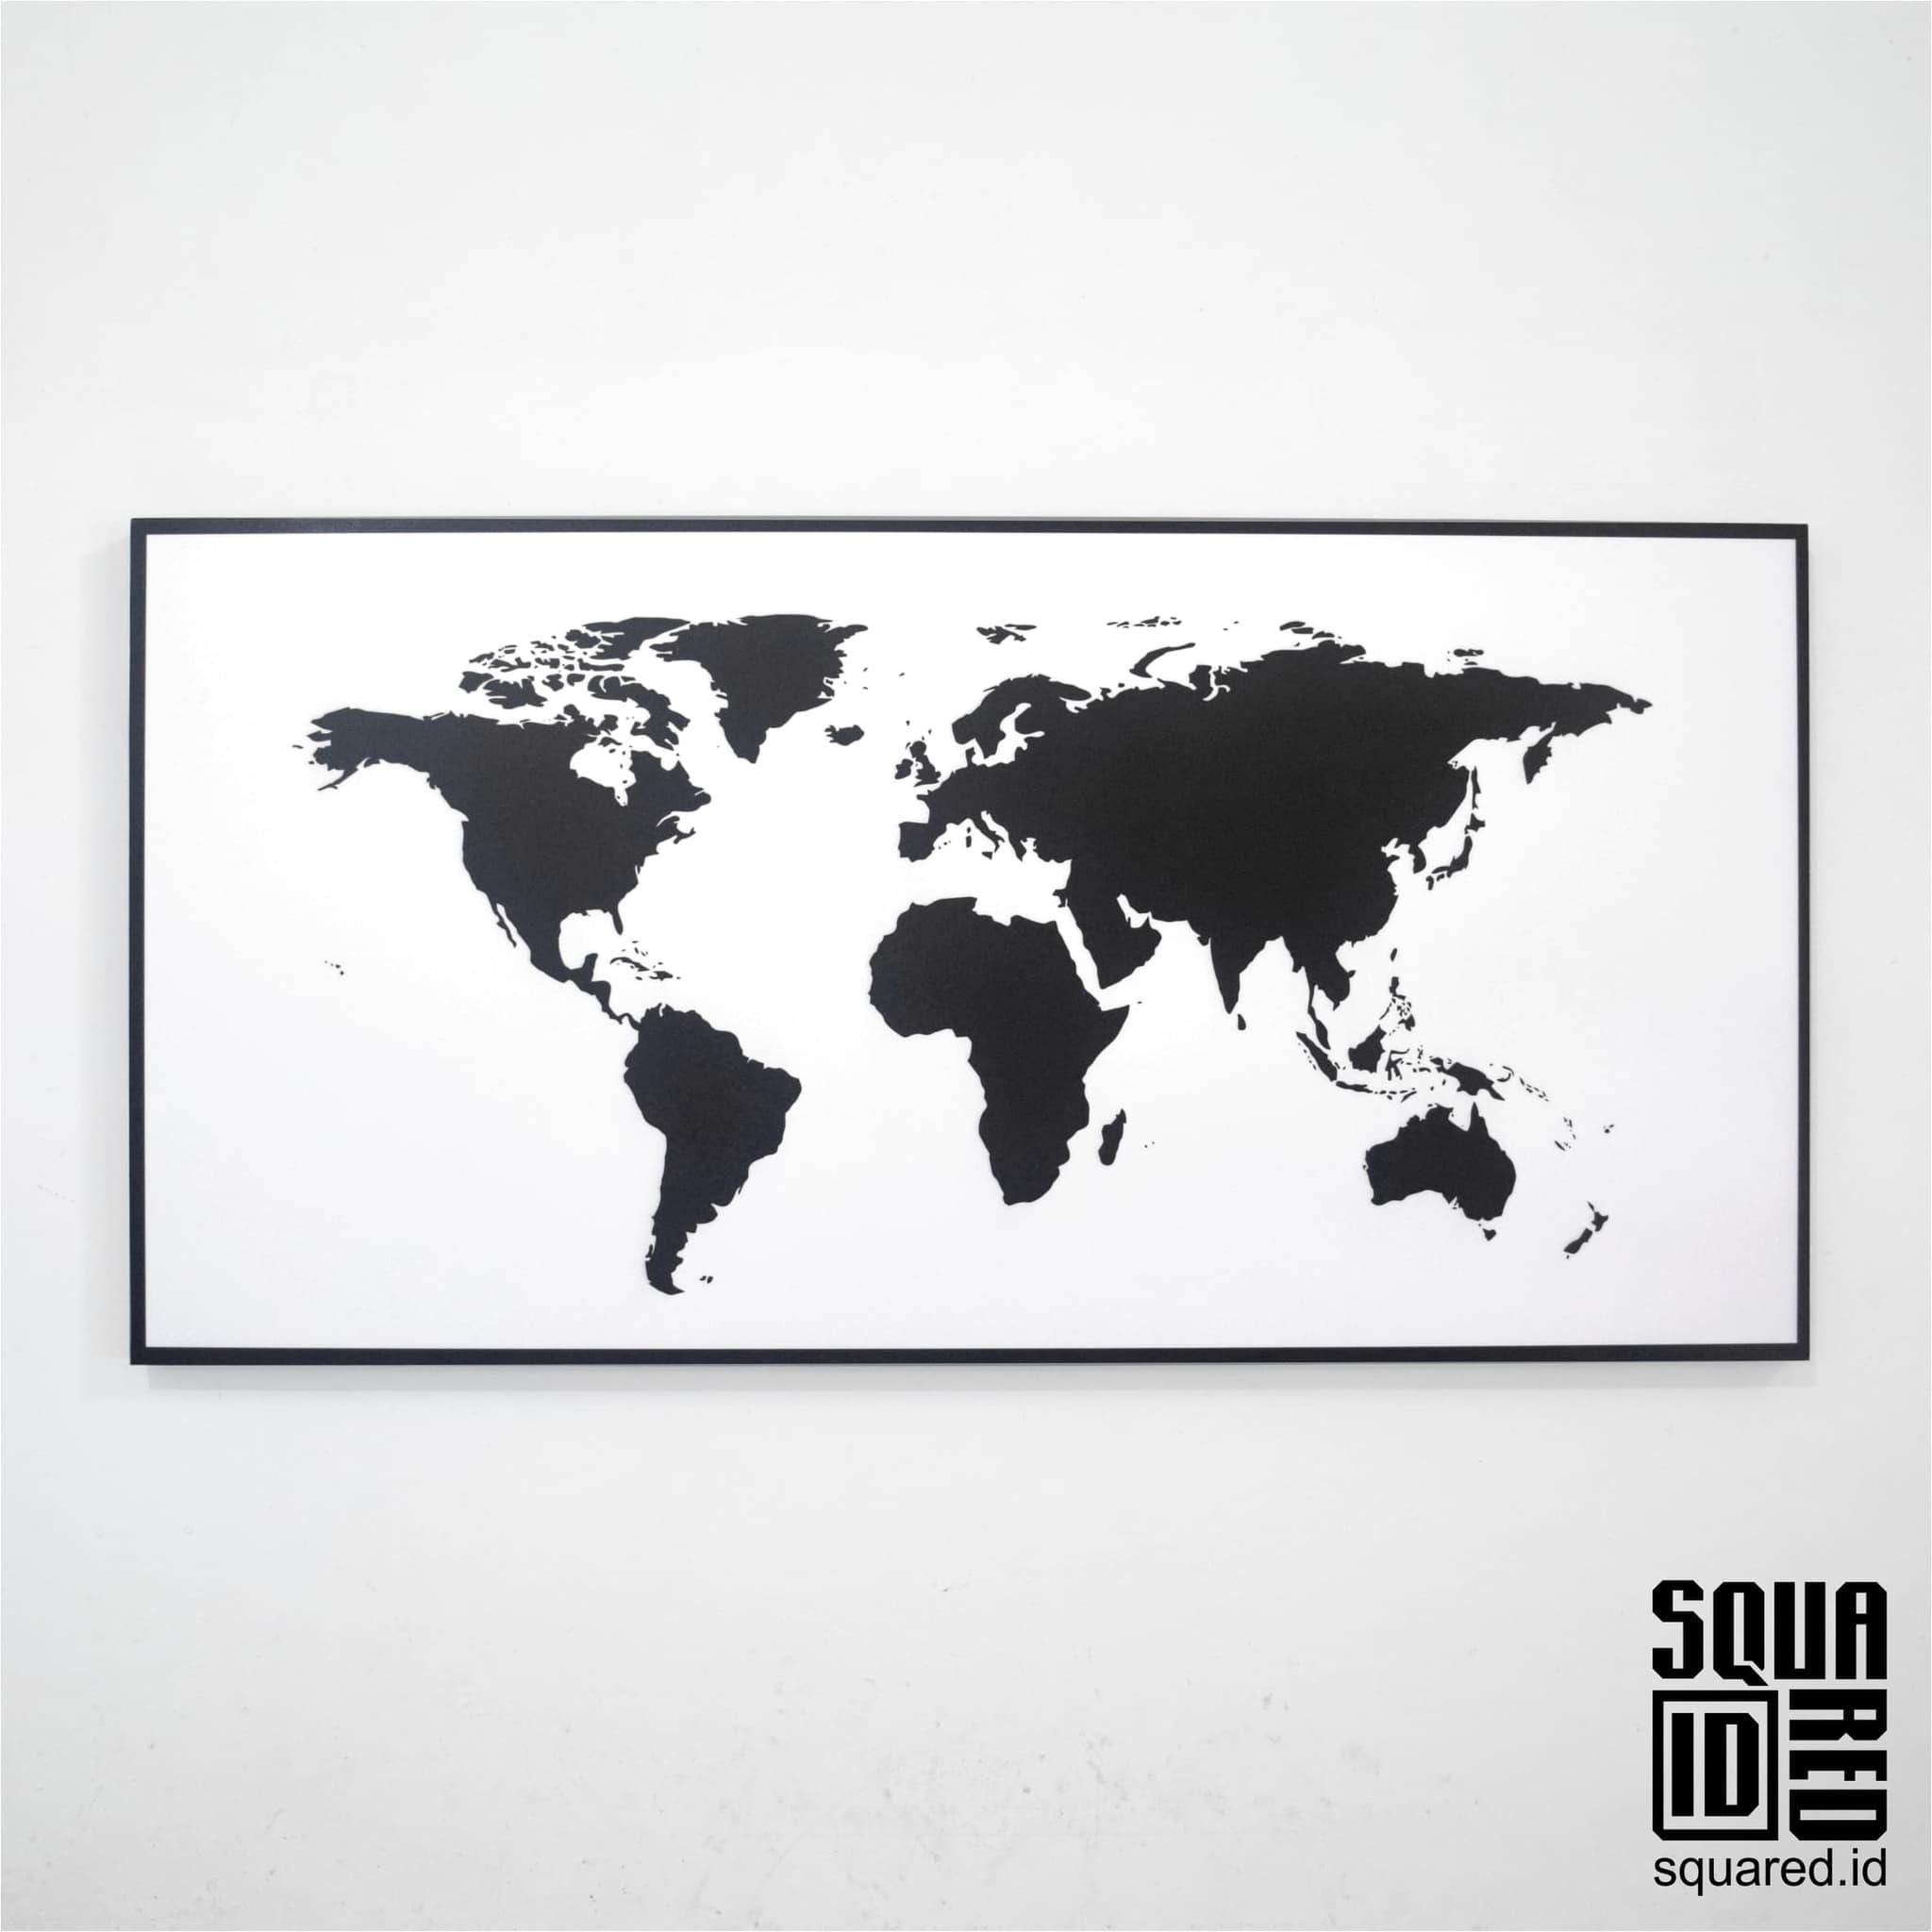 Peta Dunia Hitam Putih Lengkap Doylc Asia